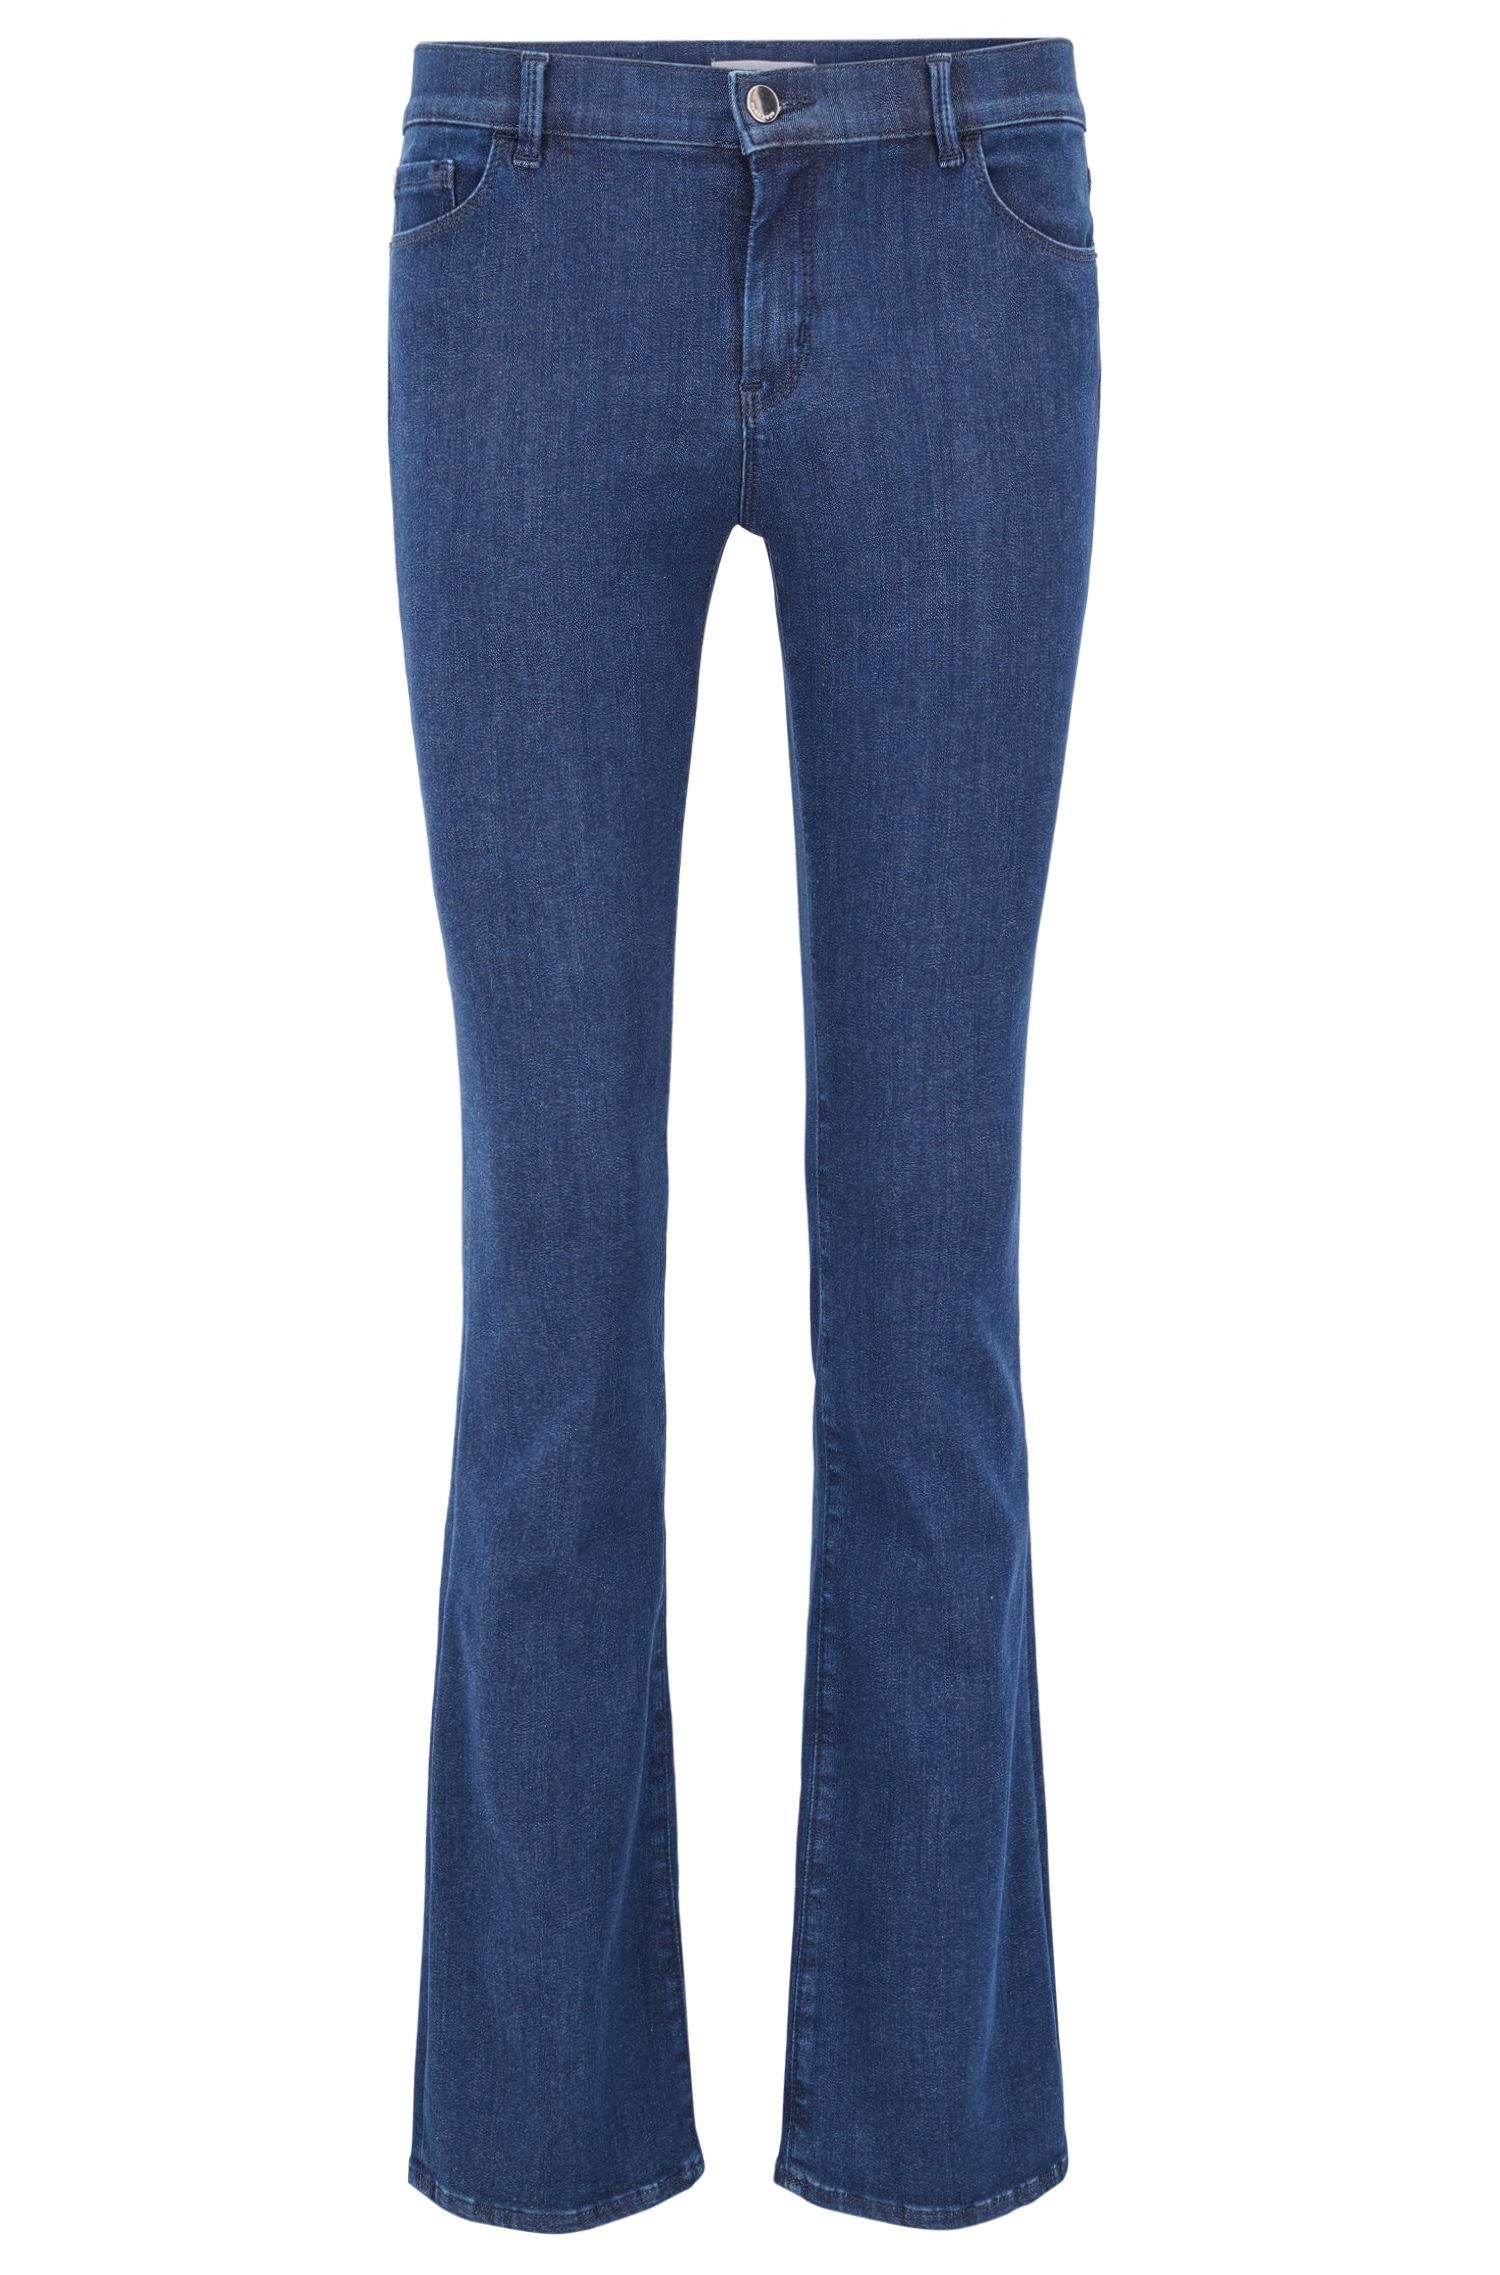 Slim-fit jeans in super-stretch denim